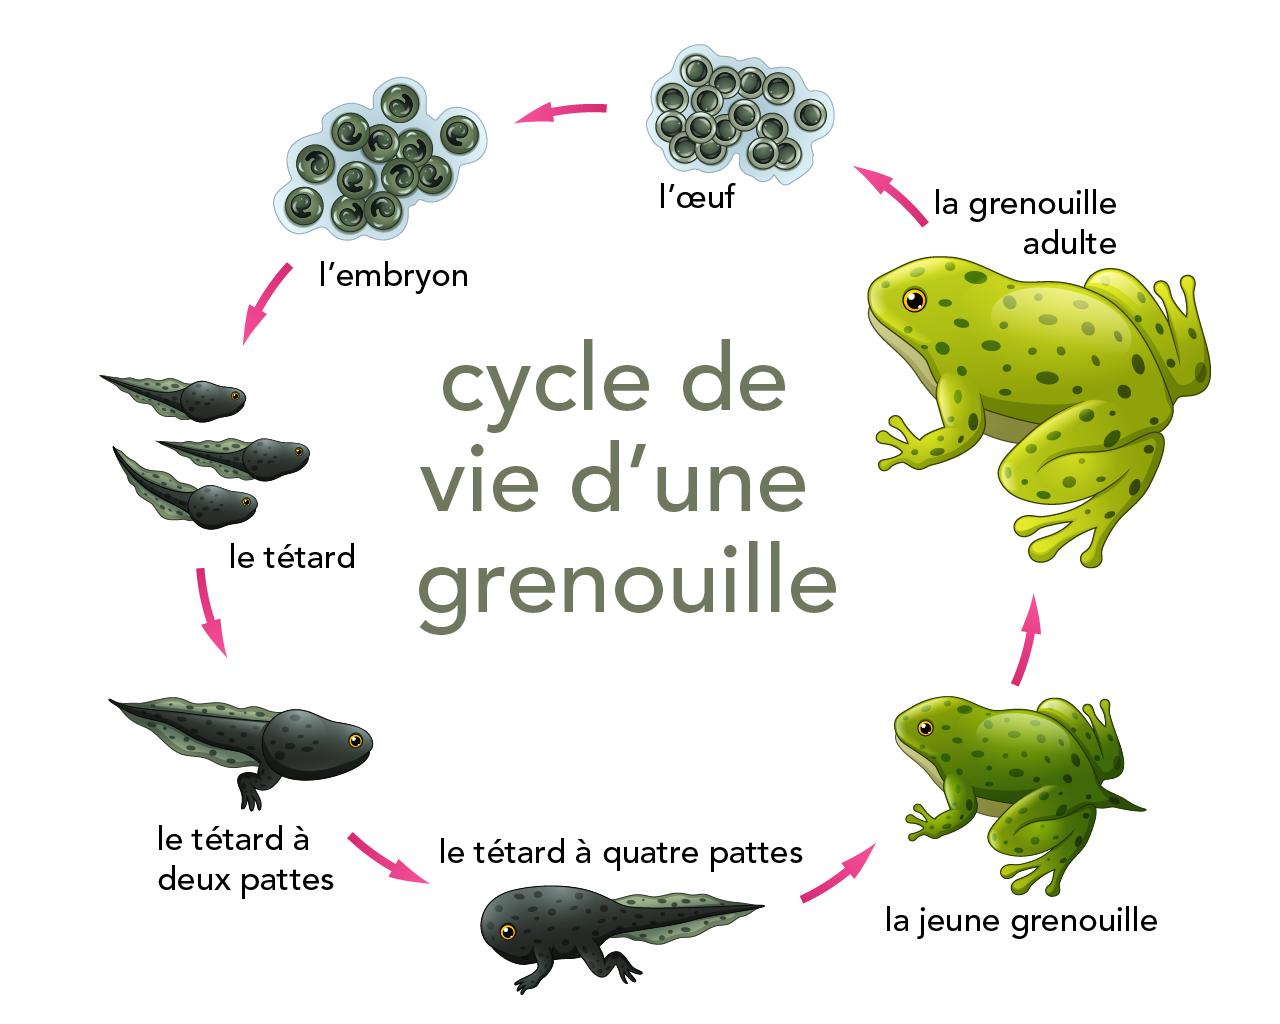 Cycles De Vie Des Animaux | Parlons Sciences encequiconcerne Le Cycle De Vie De La Grenouille